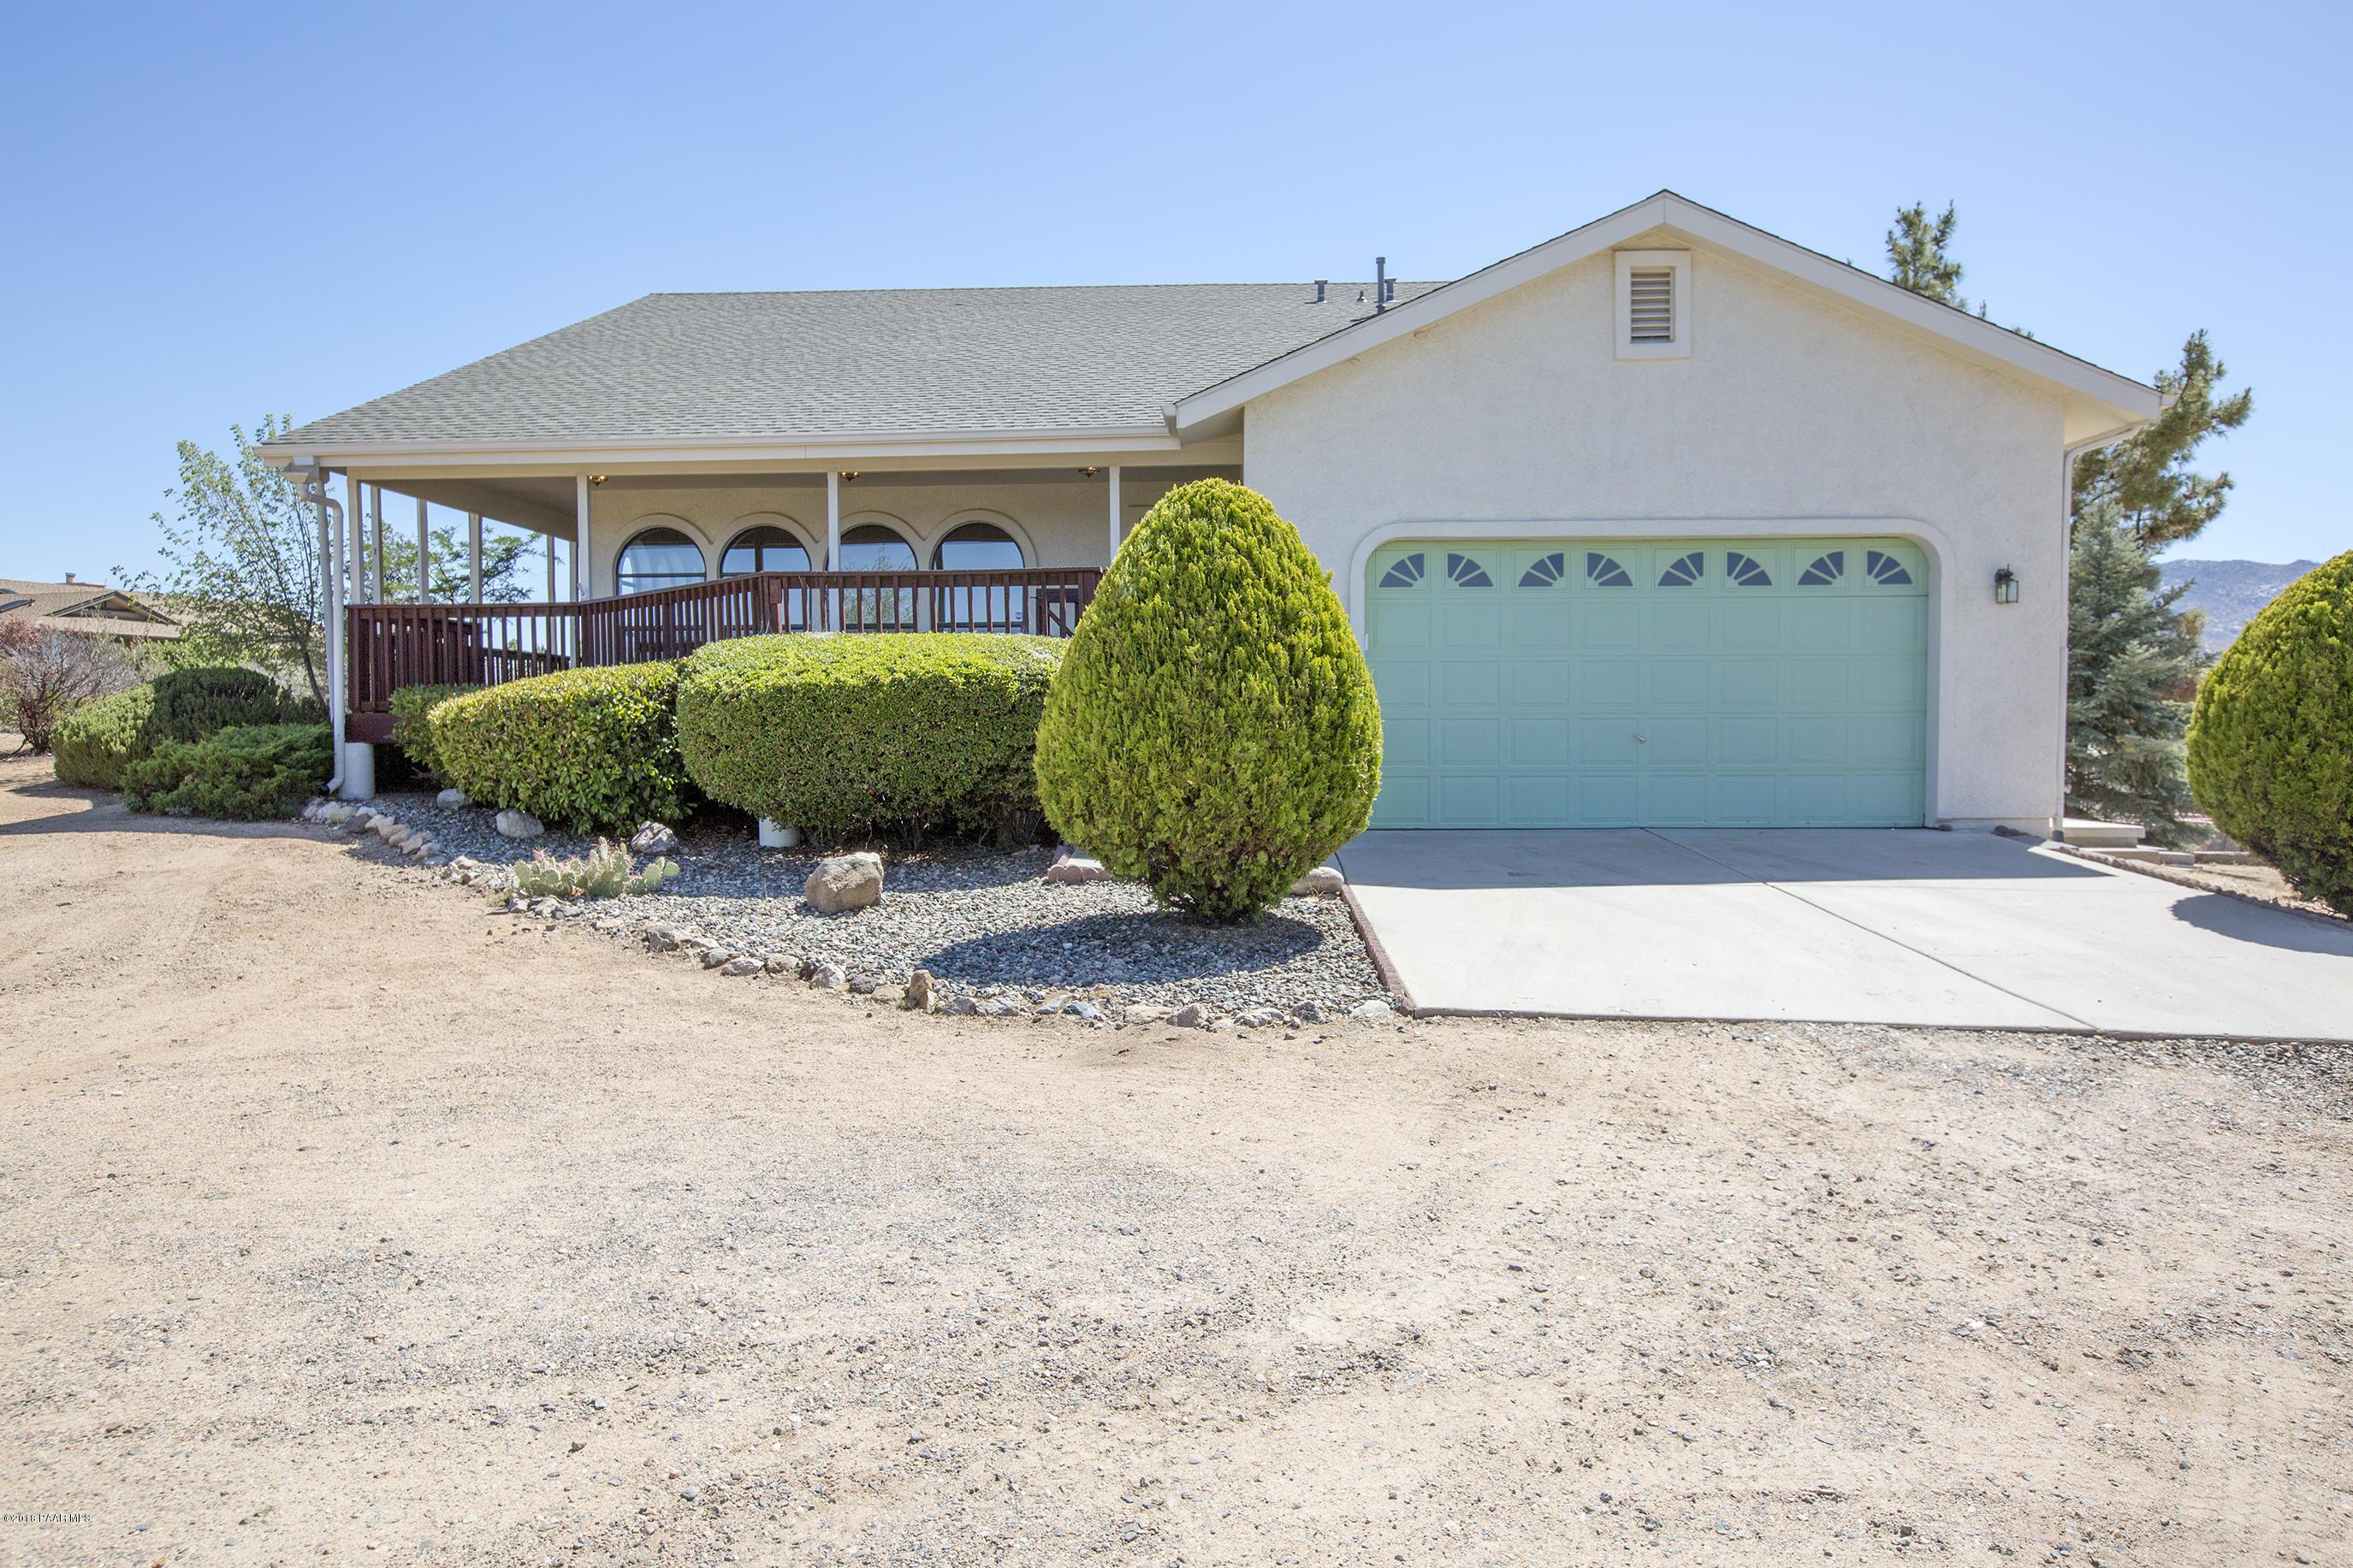 Photo of 8100 Red Oak, Prescott, AZ 86305